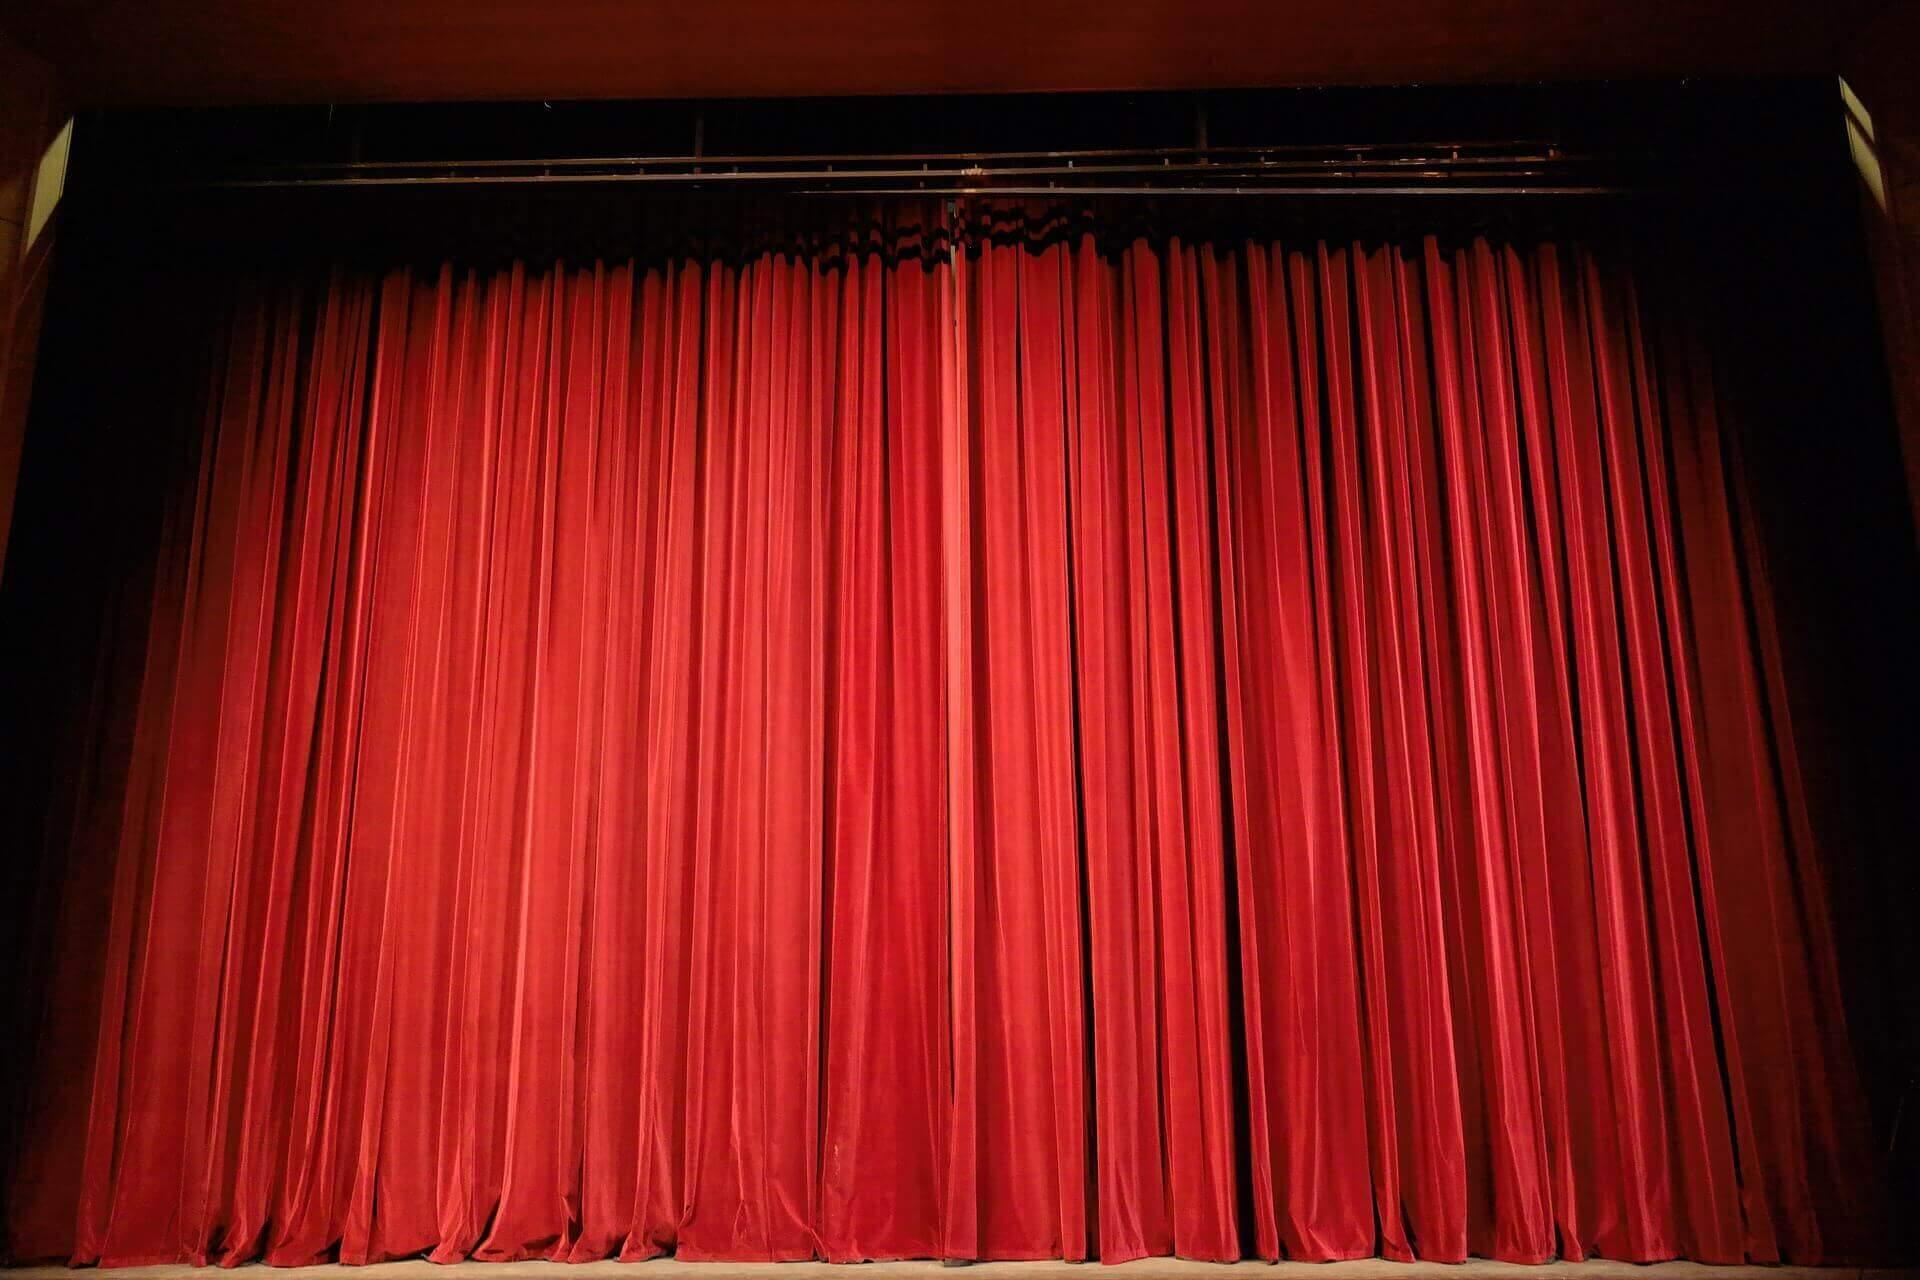 赤いカーテンのシアター